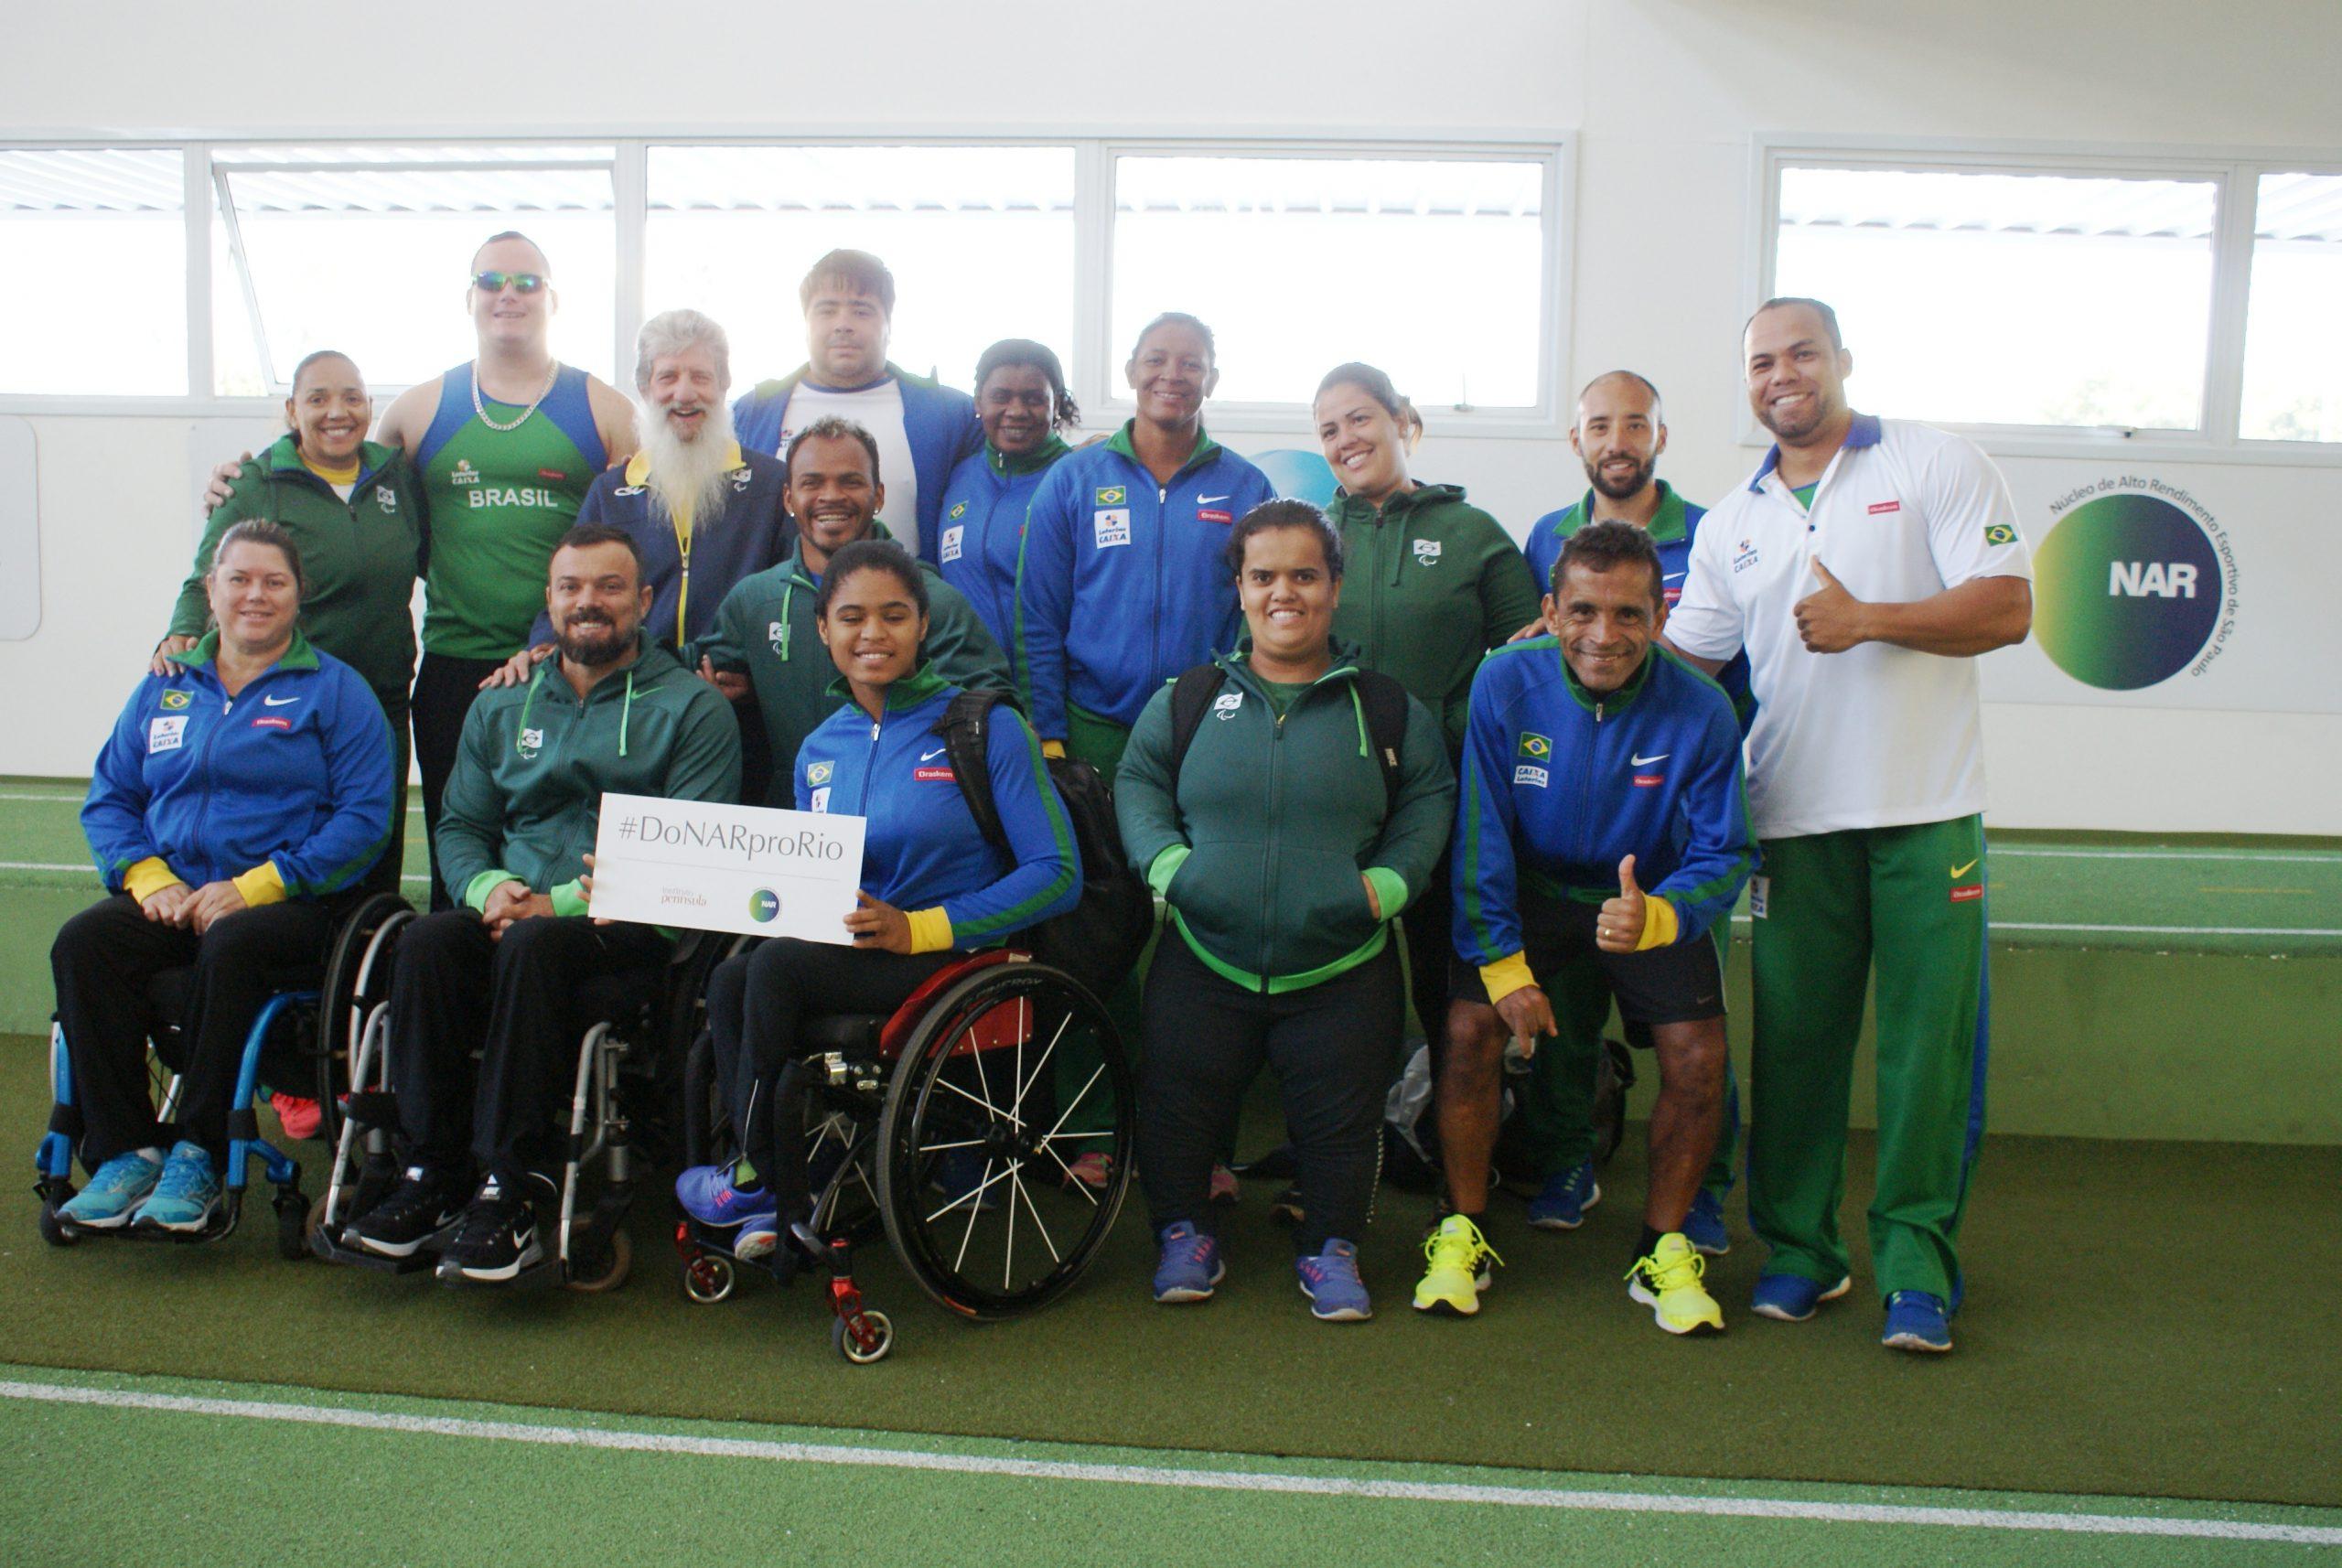 Camp de atletismo paralímpico continua – desta vez, com presença dos lançadores e levantadores de peso